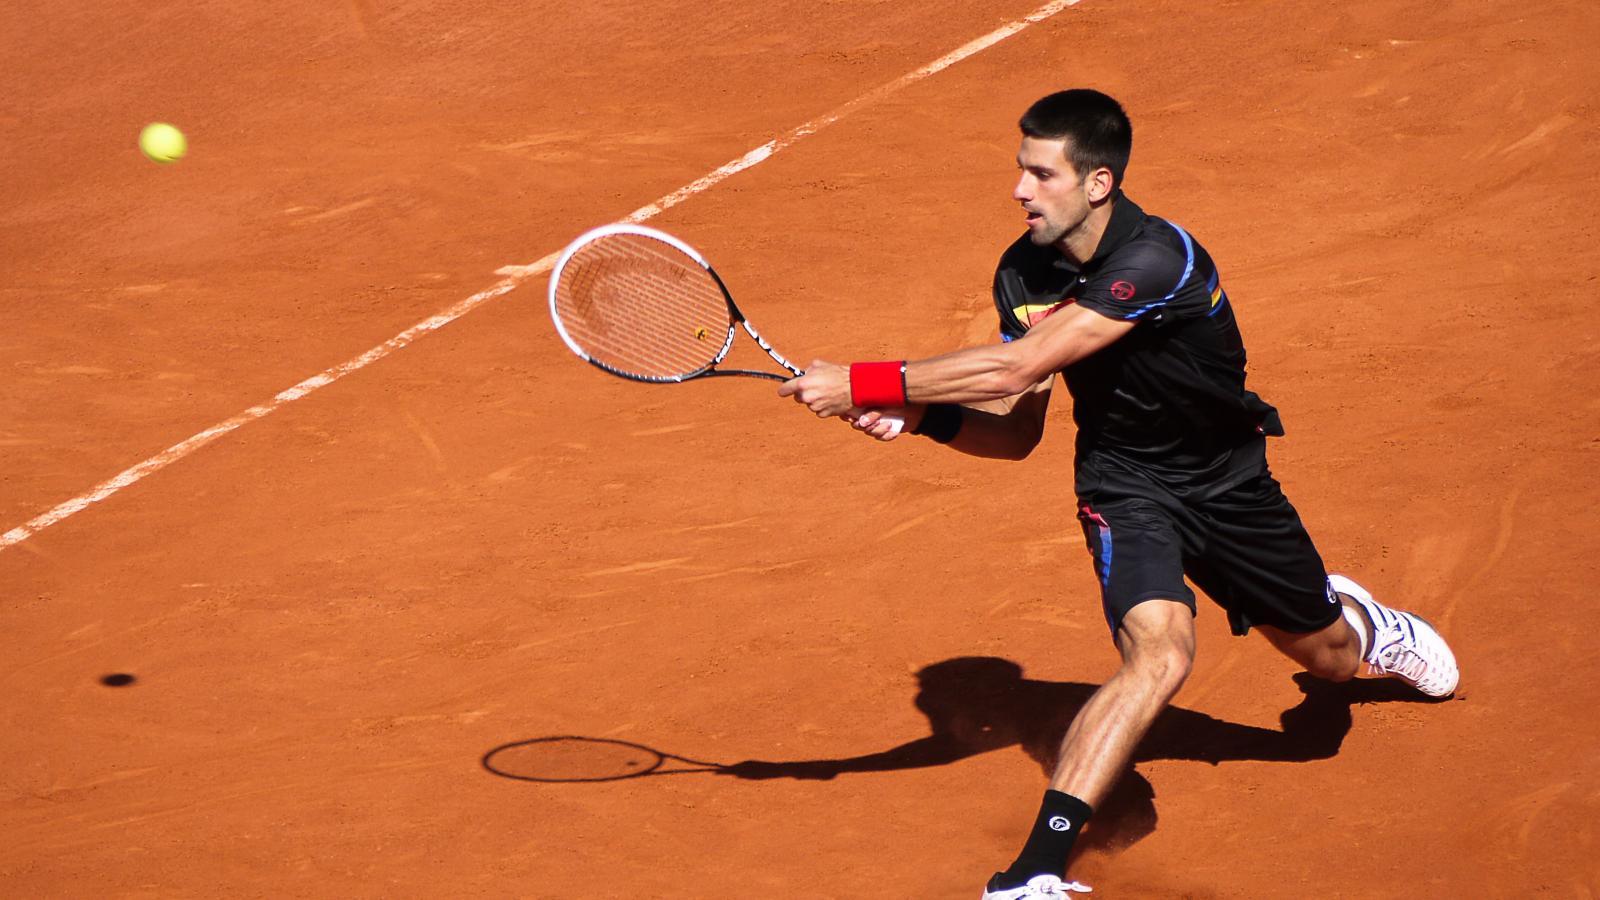 Le Printemps aux couleurs de Roland-Garros